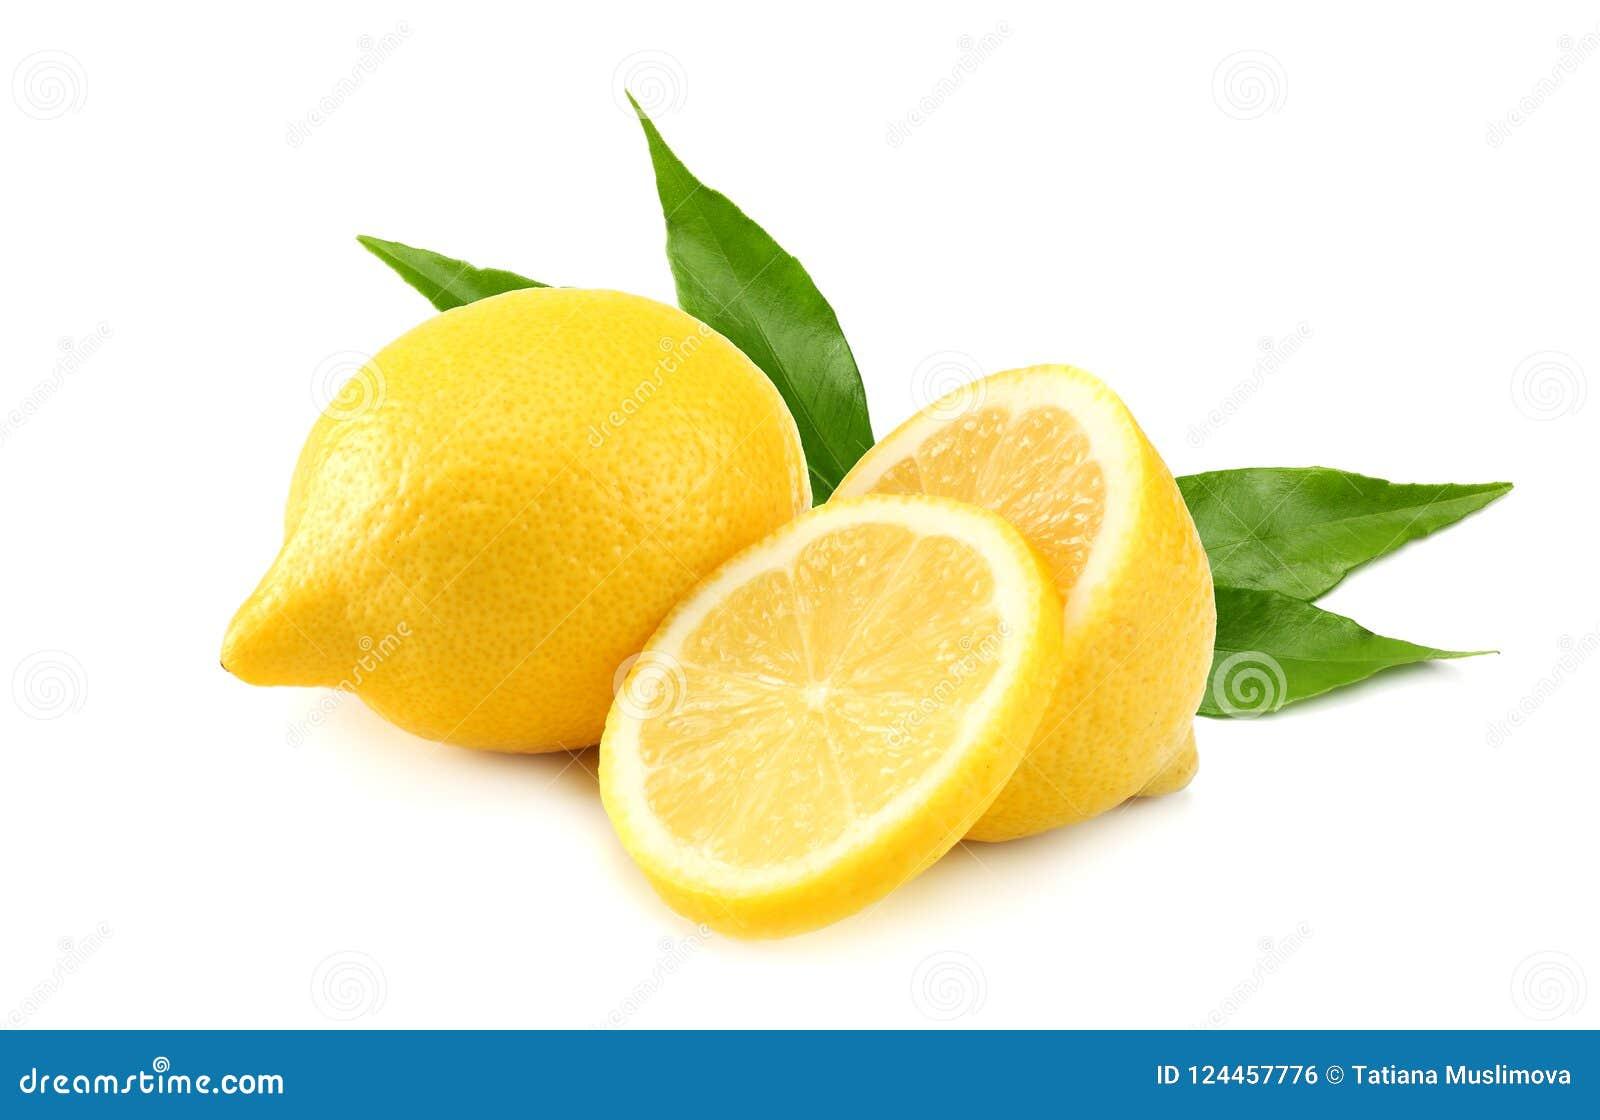 еда здоровая лимон при куски и зеленые лист изолированные на белой предпосылке